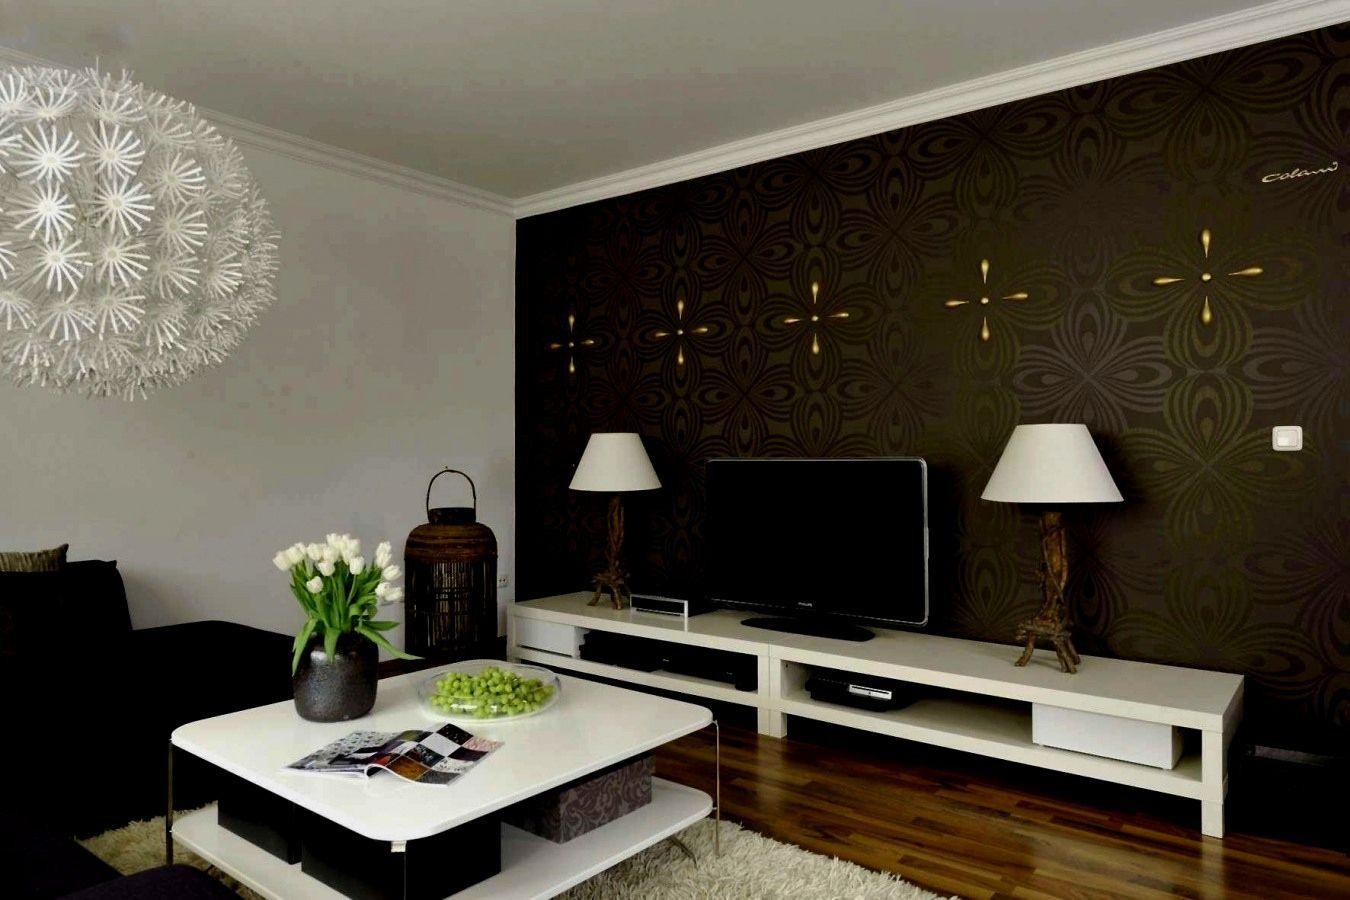 Fotos #Ideen #Sammlung #Stein #Tapete #von #wohnzimmer Fotos